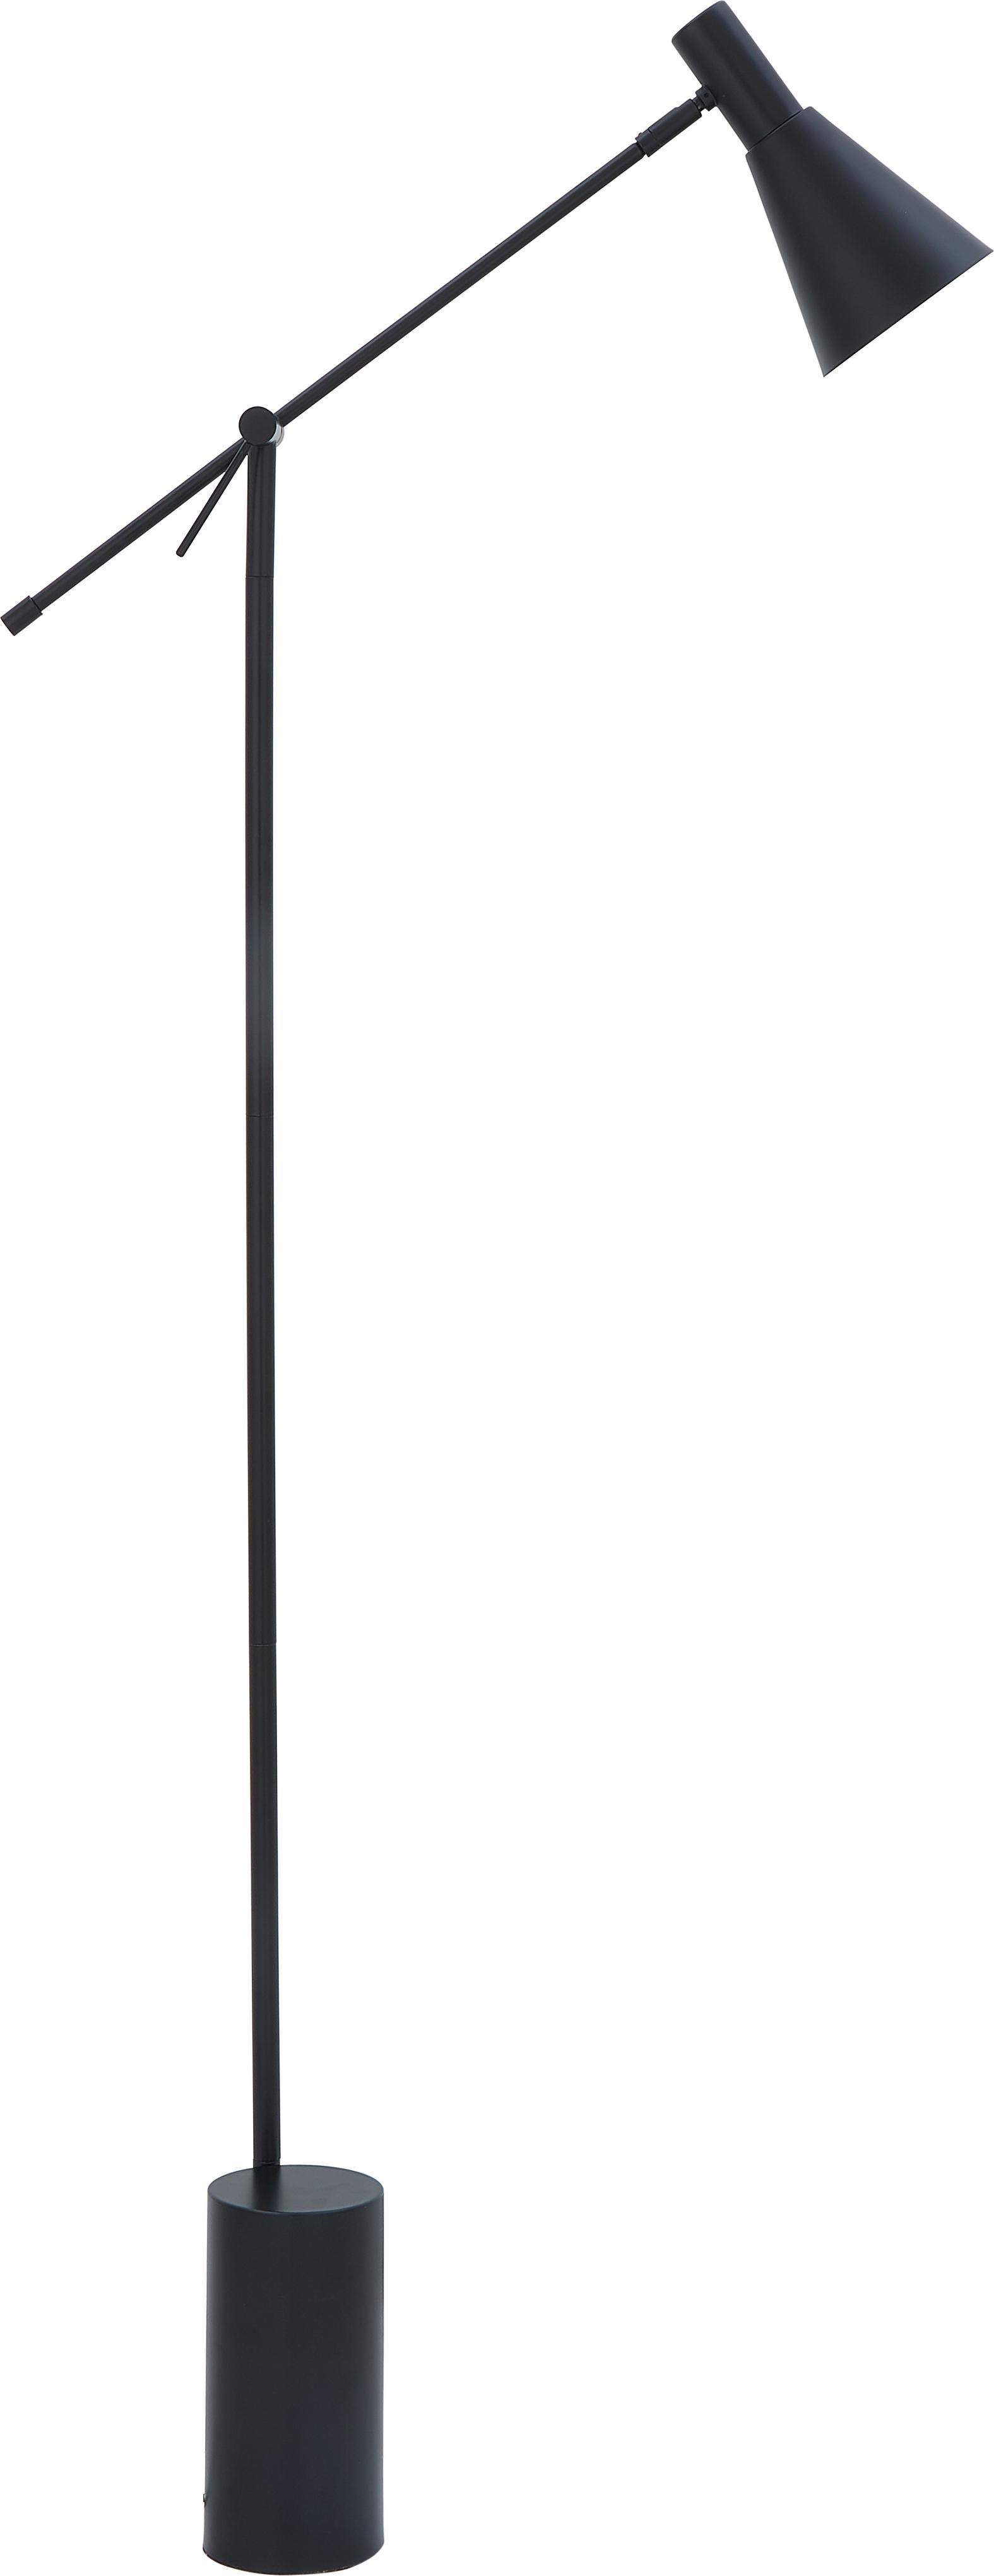 Stehlampe Sia, Lampenschirm: Metall, pulverbeschichtet, Schwarz, Ø 14 x H 162 cm